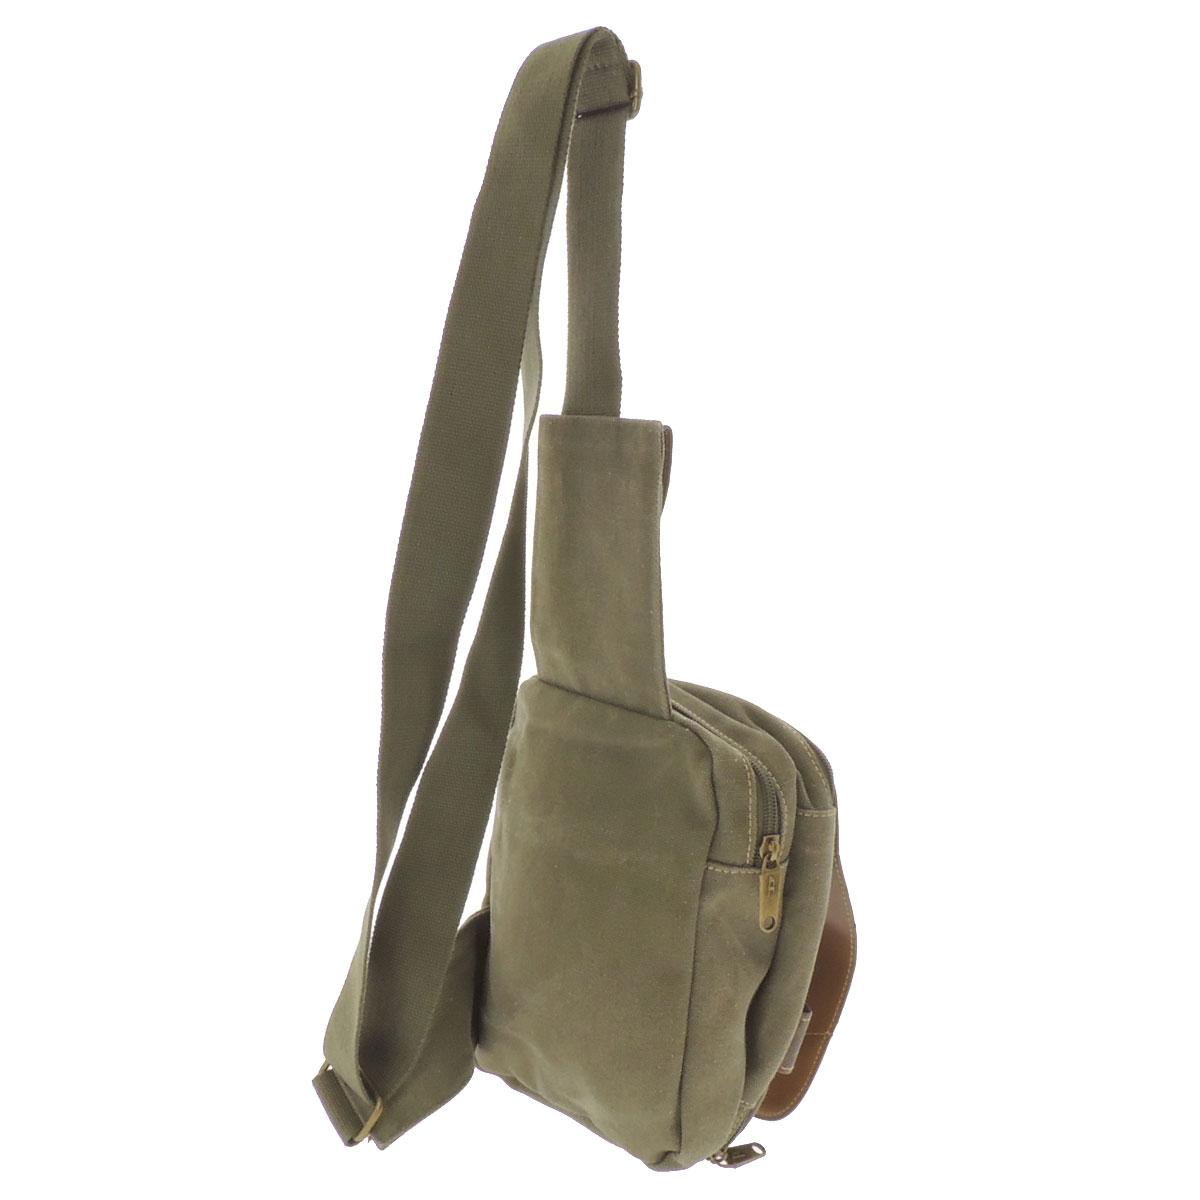 DIESEL logo carved seal shoulder bag canvas X leather is unisex